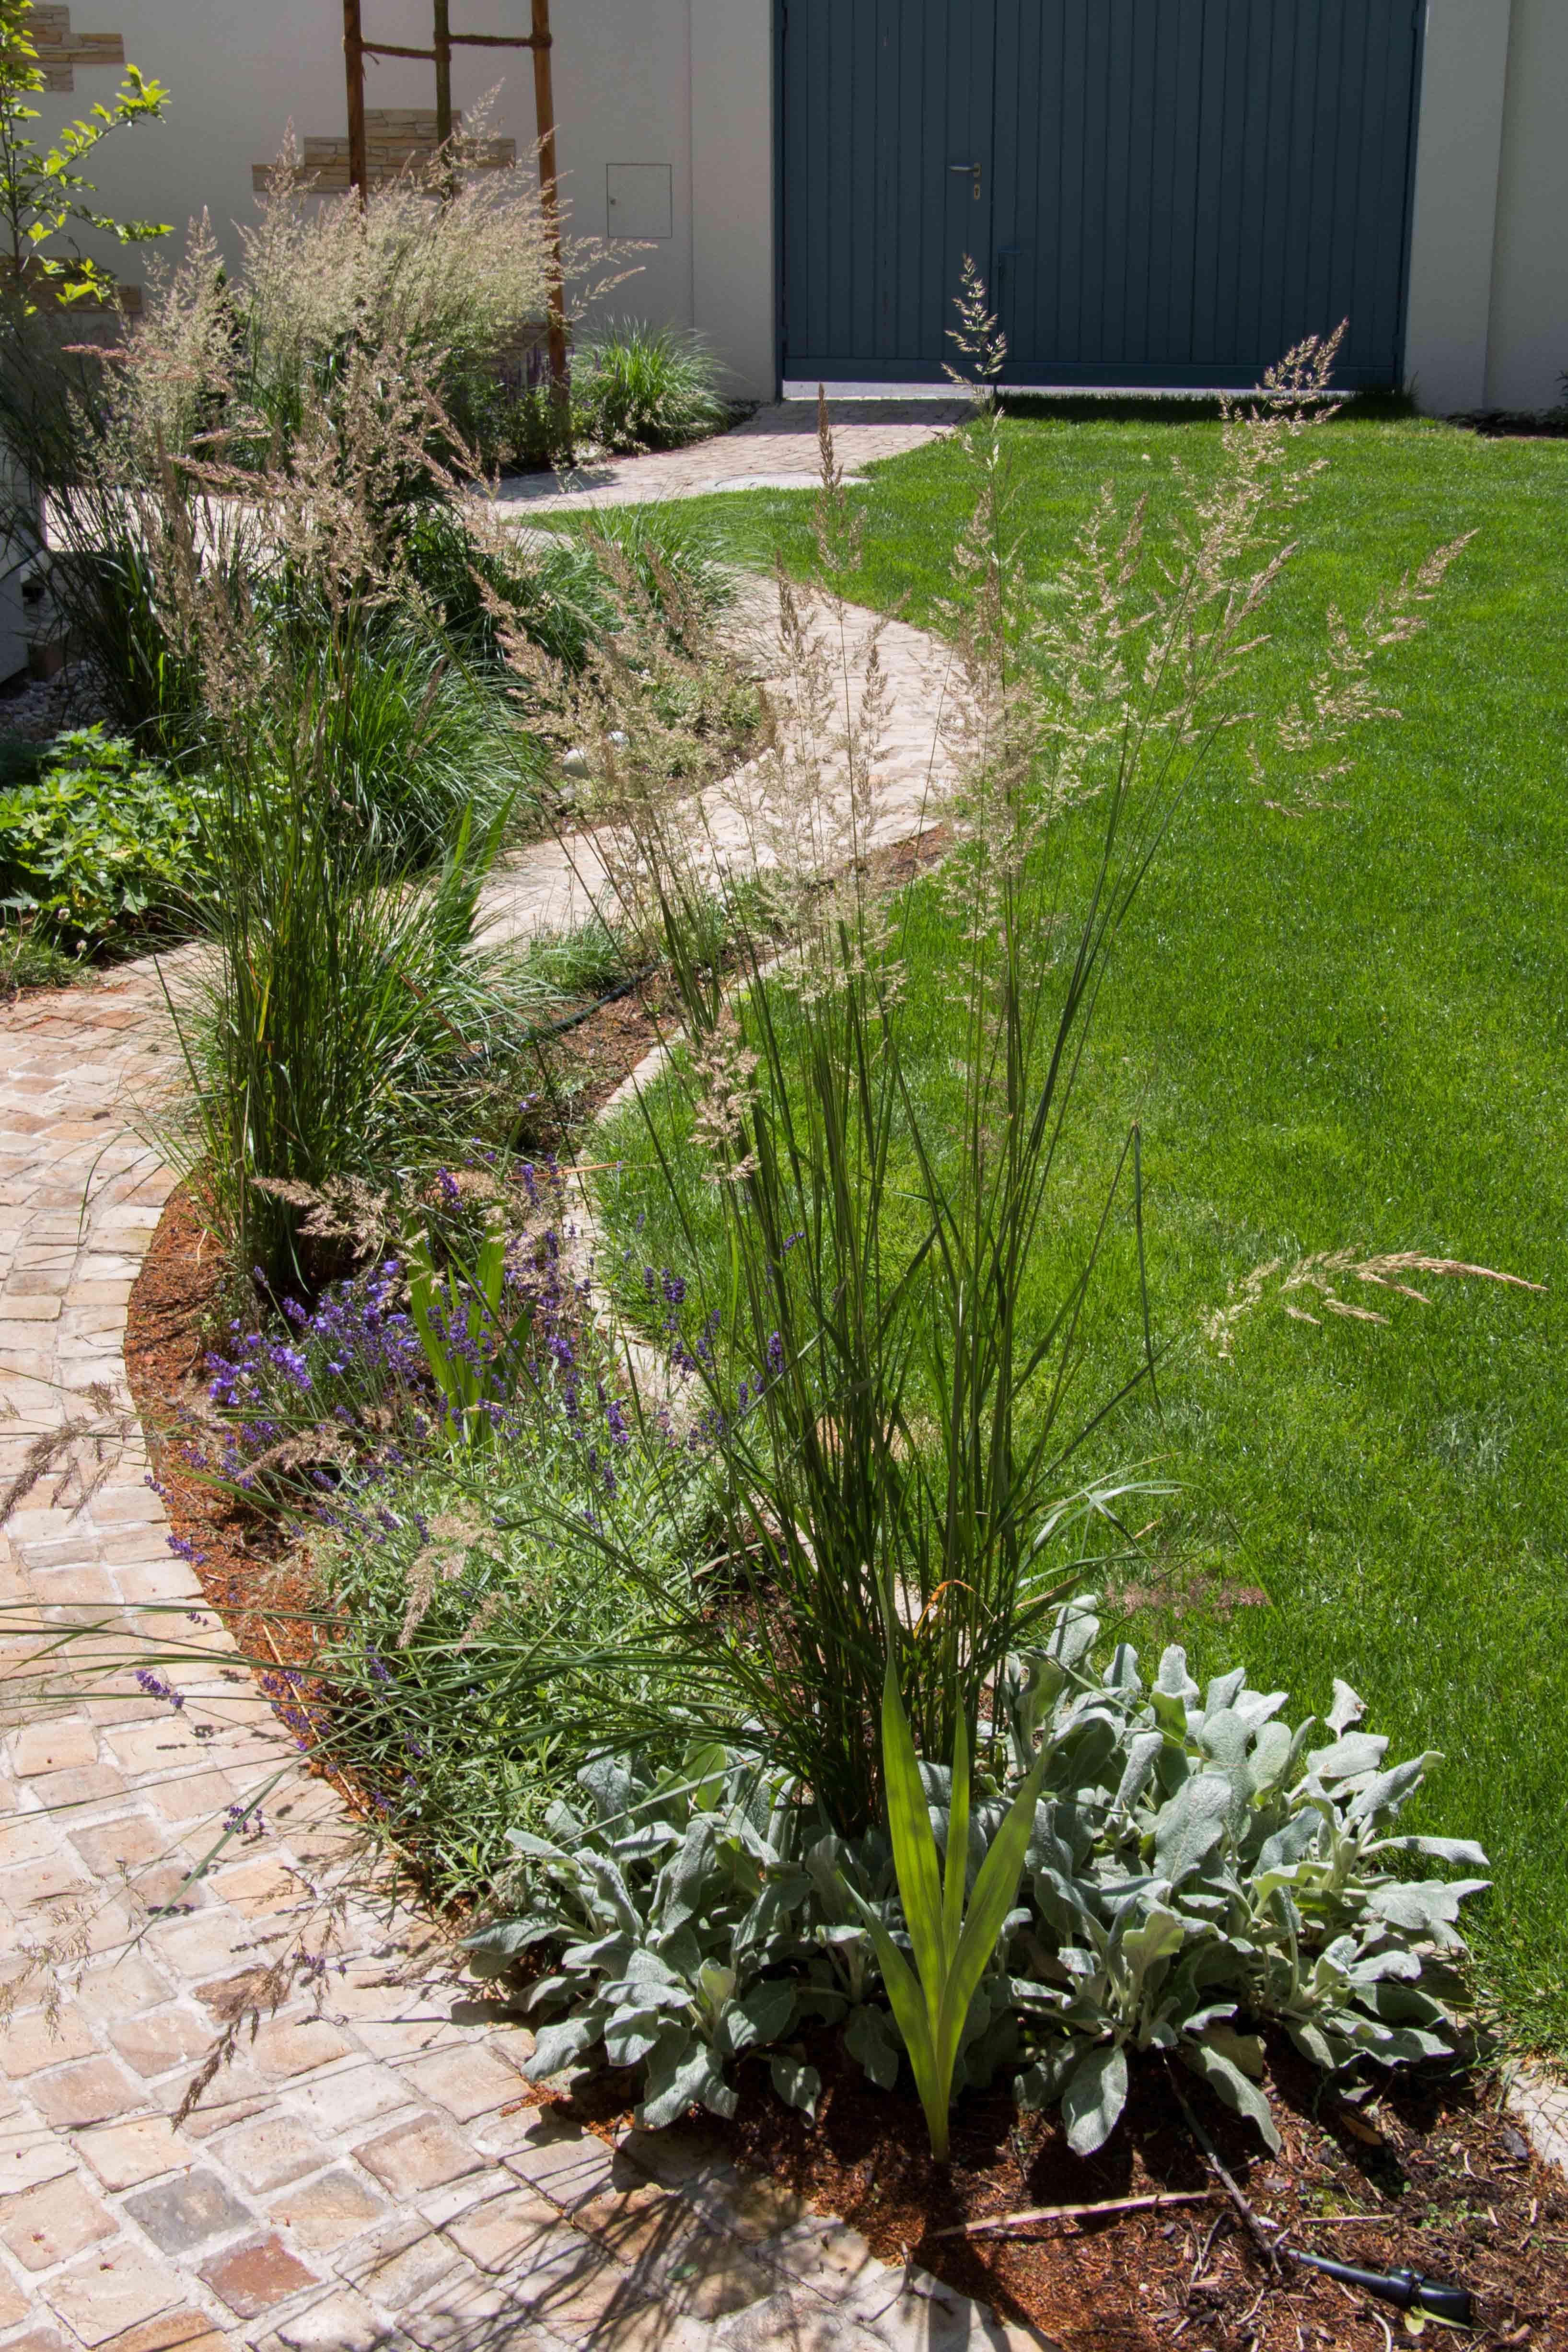 ... Und Qualitativ Hochwertige Ausführung. Sie Werden überrascht Sein, Wie  Sich Ihr Garten Gestalten Lässt! Mehr Infos Zur Gartengestaltung Finden Sie  Hier.